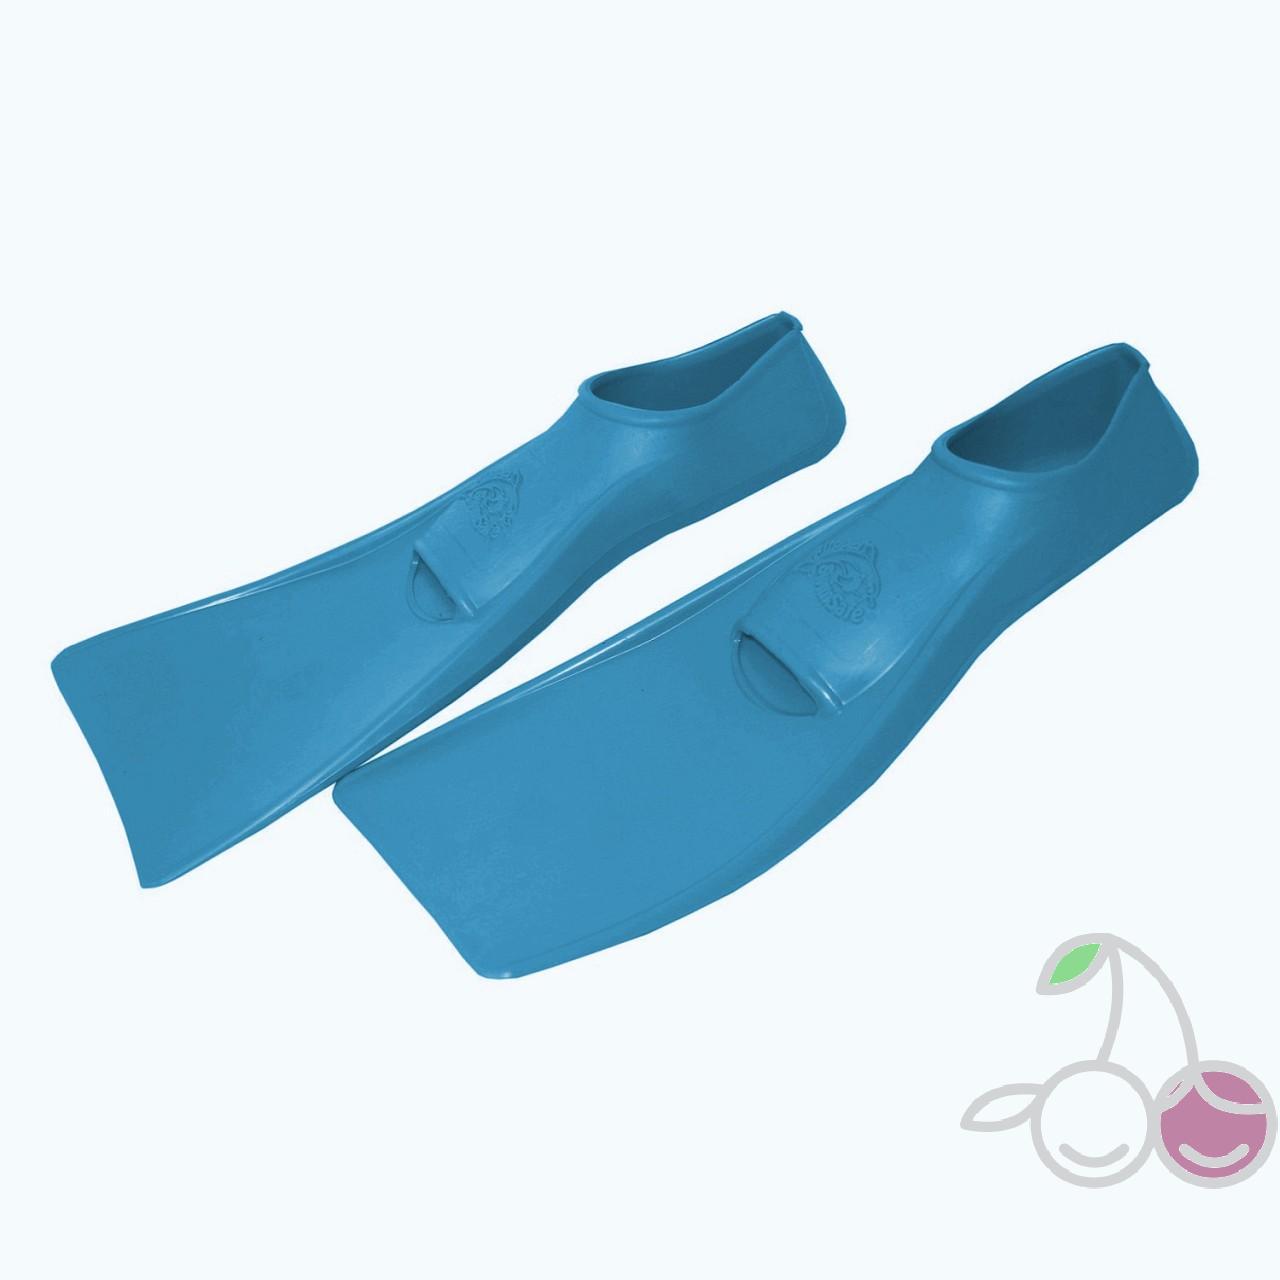 Ласты для бассейна резиновые детские размеры 23-24 синие ПРОПЕРКЭРРИ (ProperCarry), - фото 2